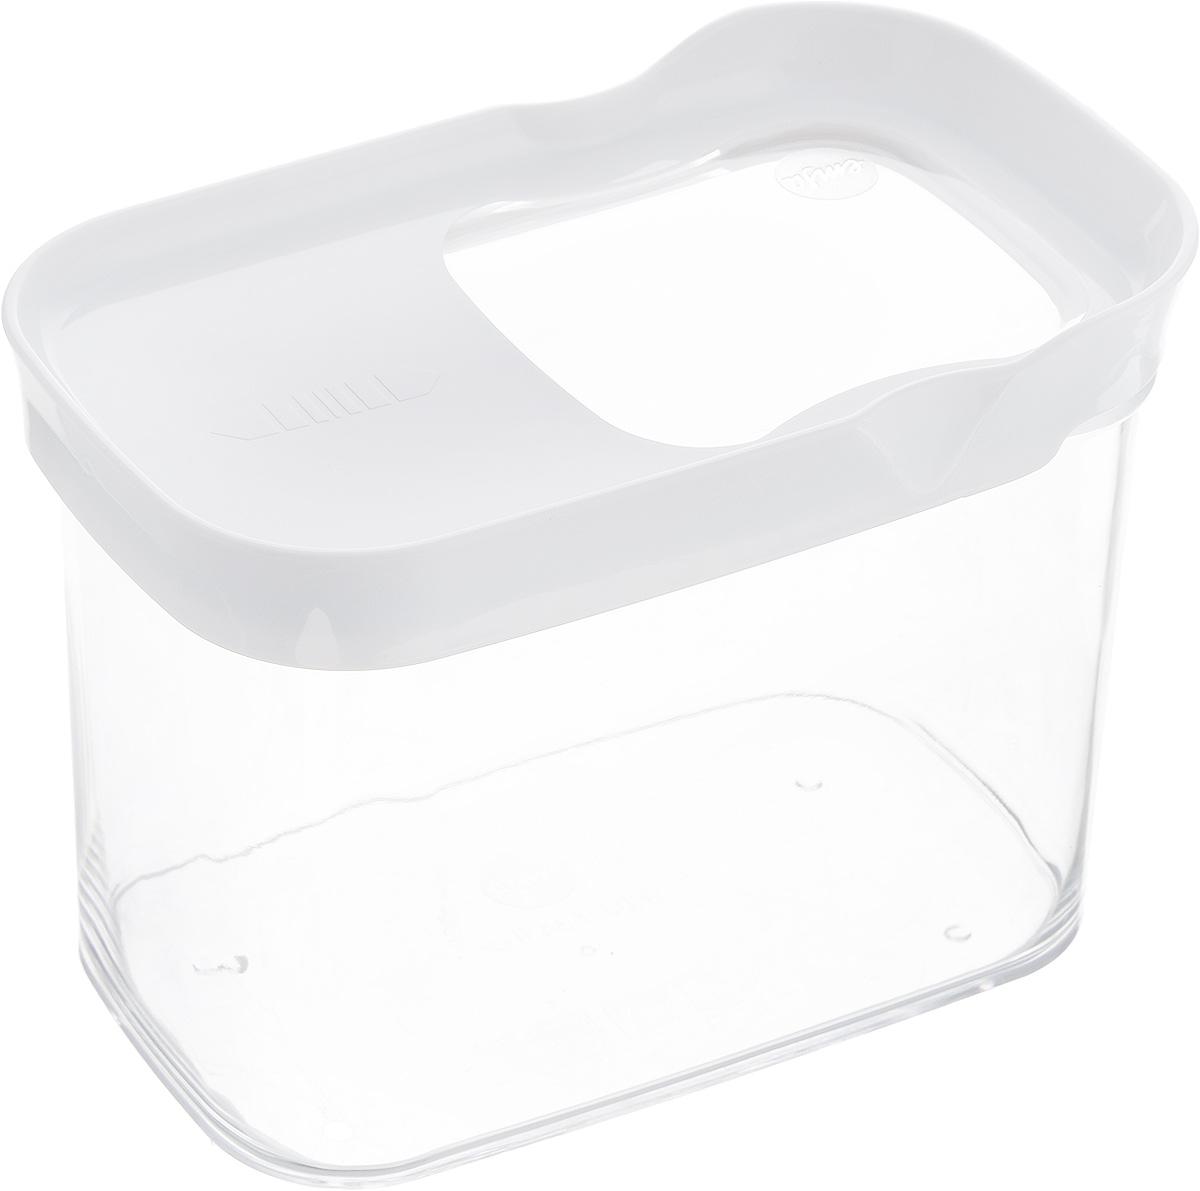 Контейнер для сыпучих продуктов Emsa Optima, 1 л. 514550 термокружка emsa travel mug 360 мл 513351